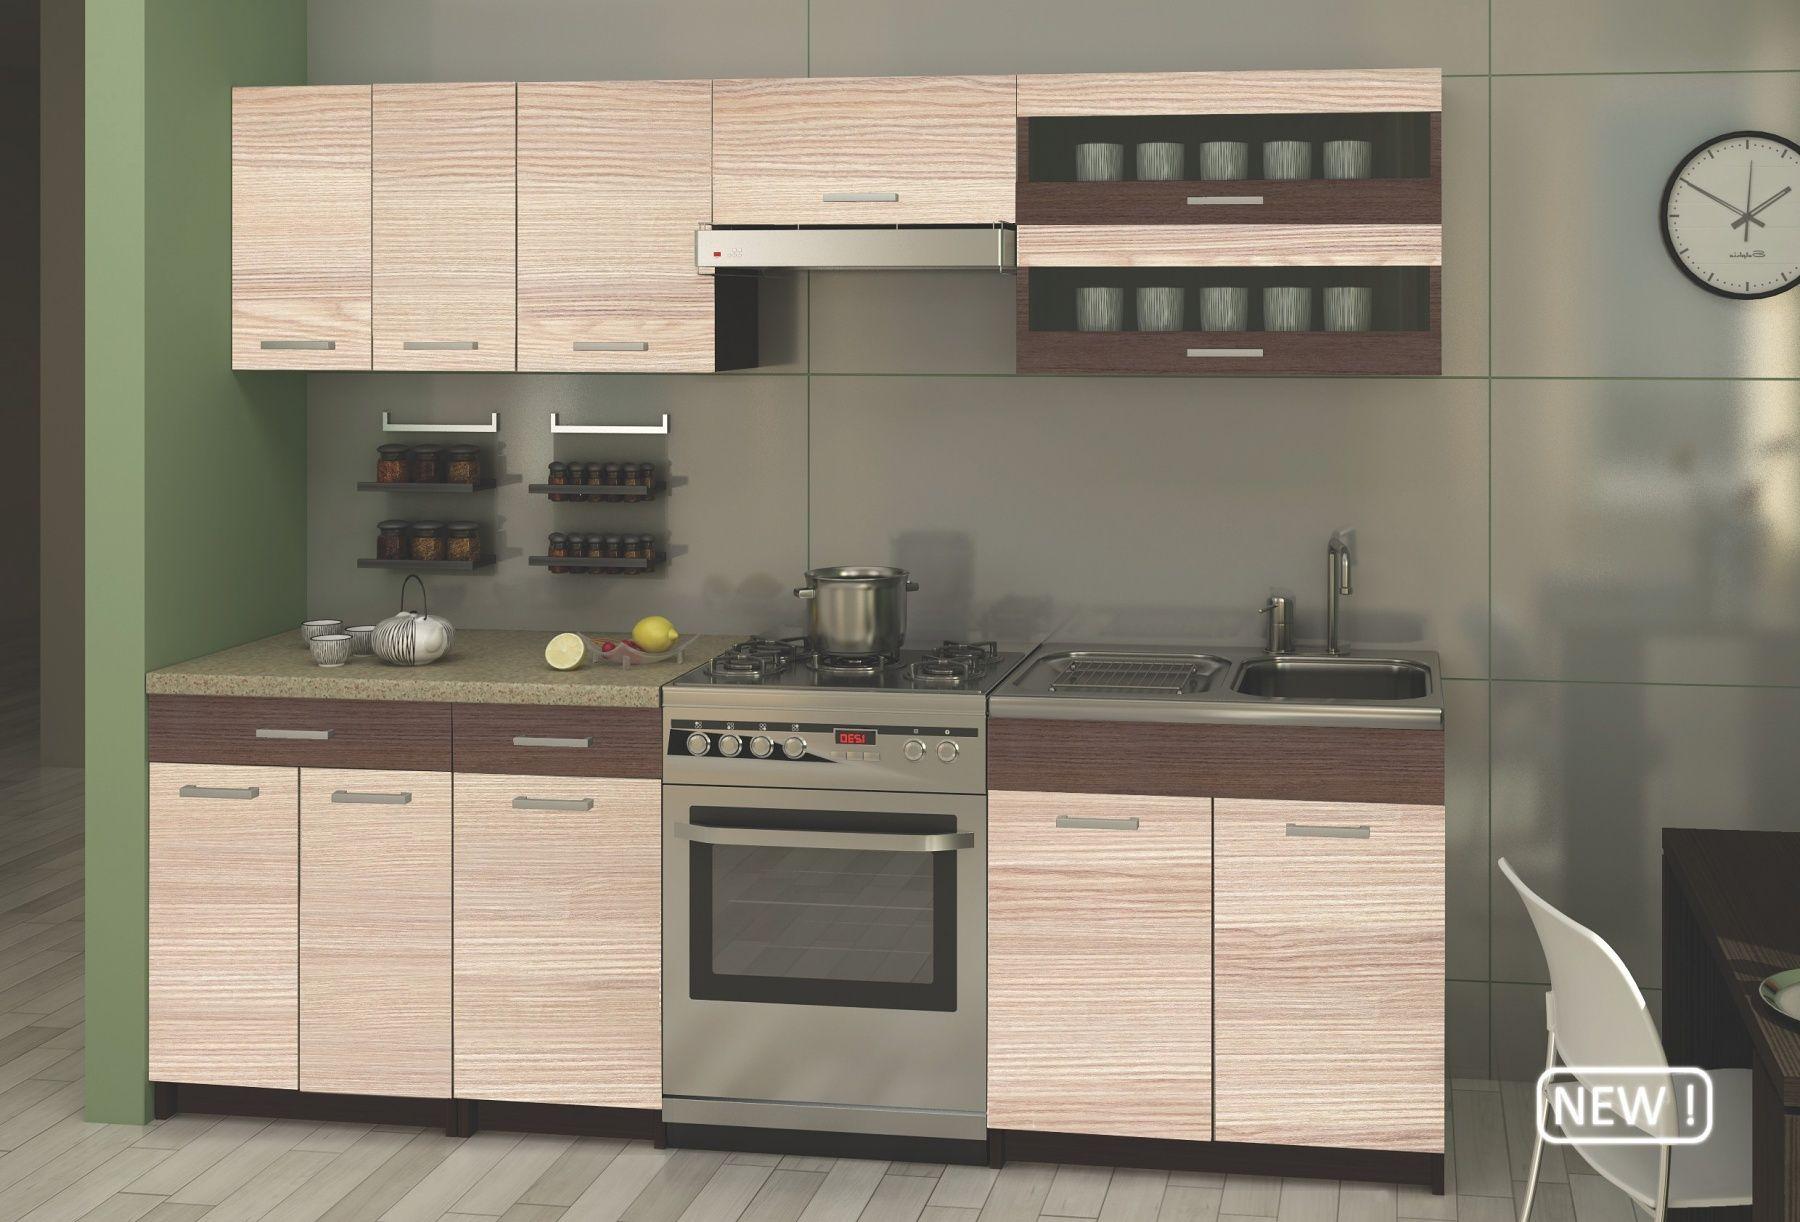 Biwe - 240 cm-es blokk konyha Egyszerű, mégis nagyszerű ...